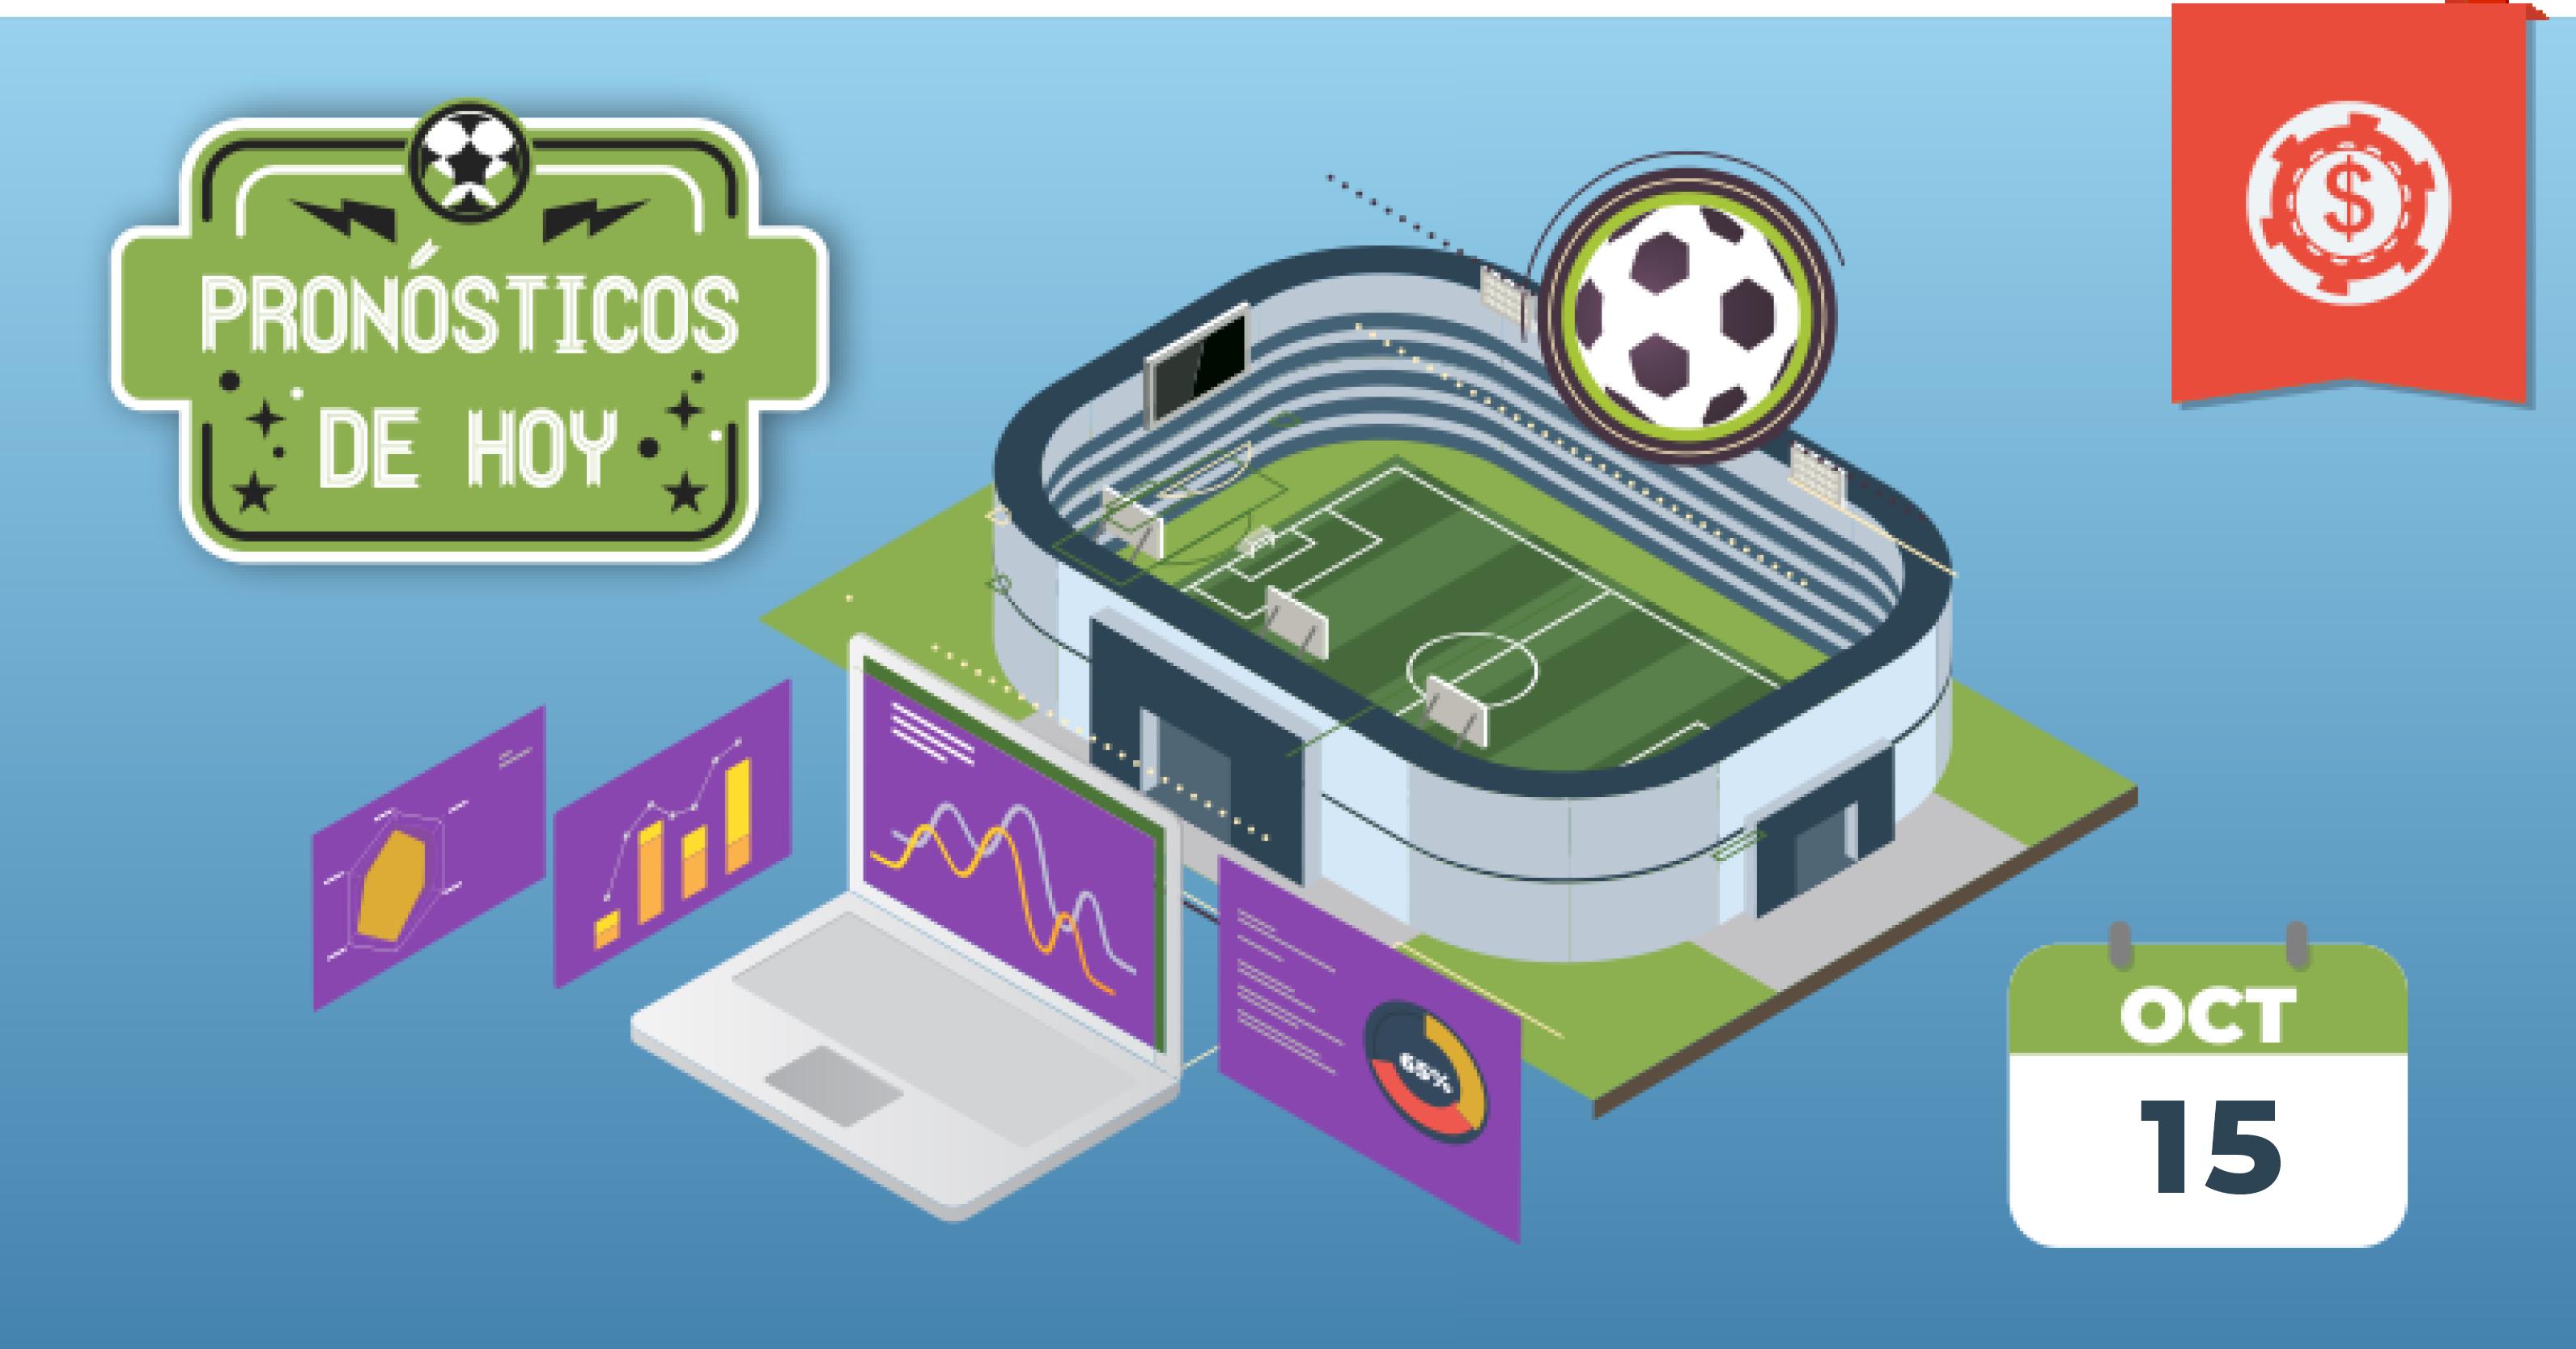 pronosticos-futbol-hoy-predicciones-15-octubre-2019